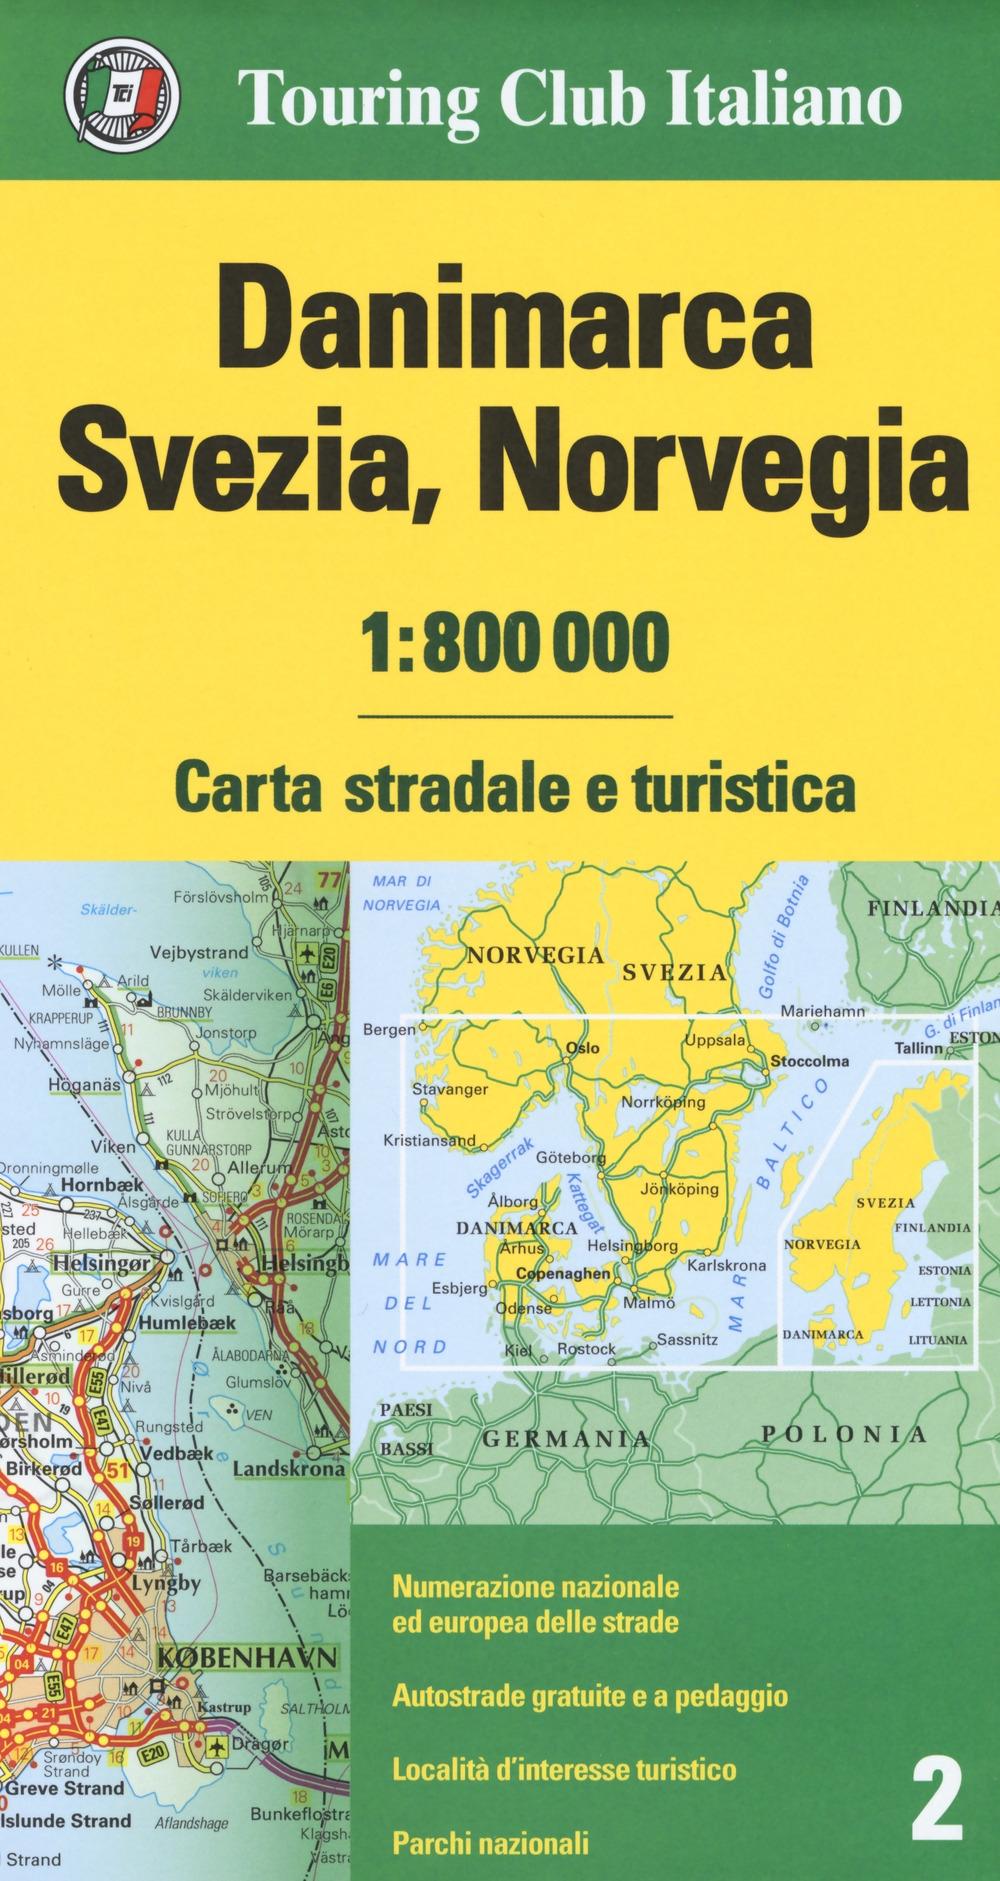 Danimarca, Svezia, Norvegia 1:800.000. Carta stradale e turistica. Ediz. multilingue